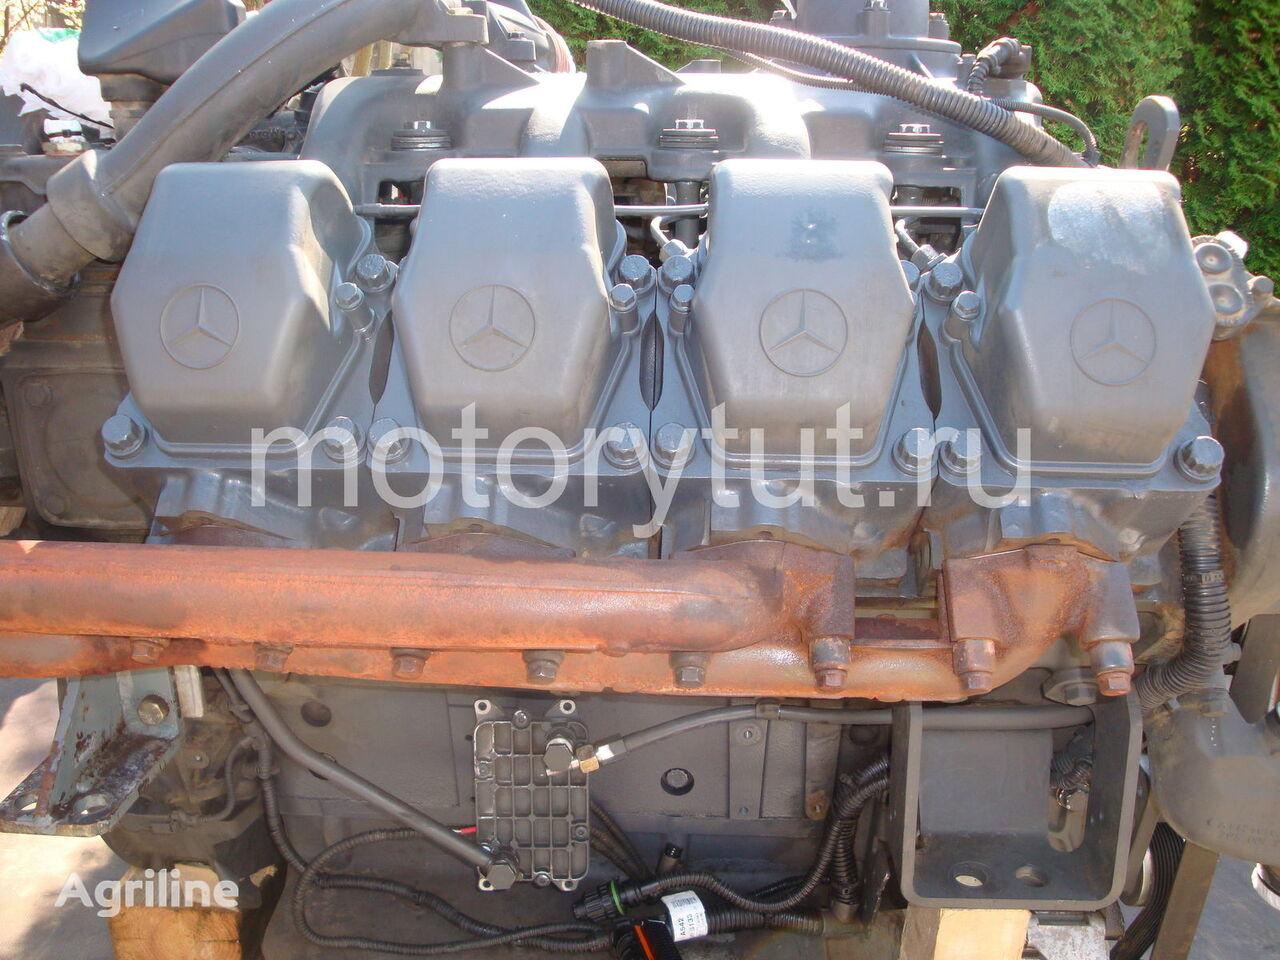 MERCEDES-BENZ OM 502 LA (942.990) engine for grain harvester